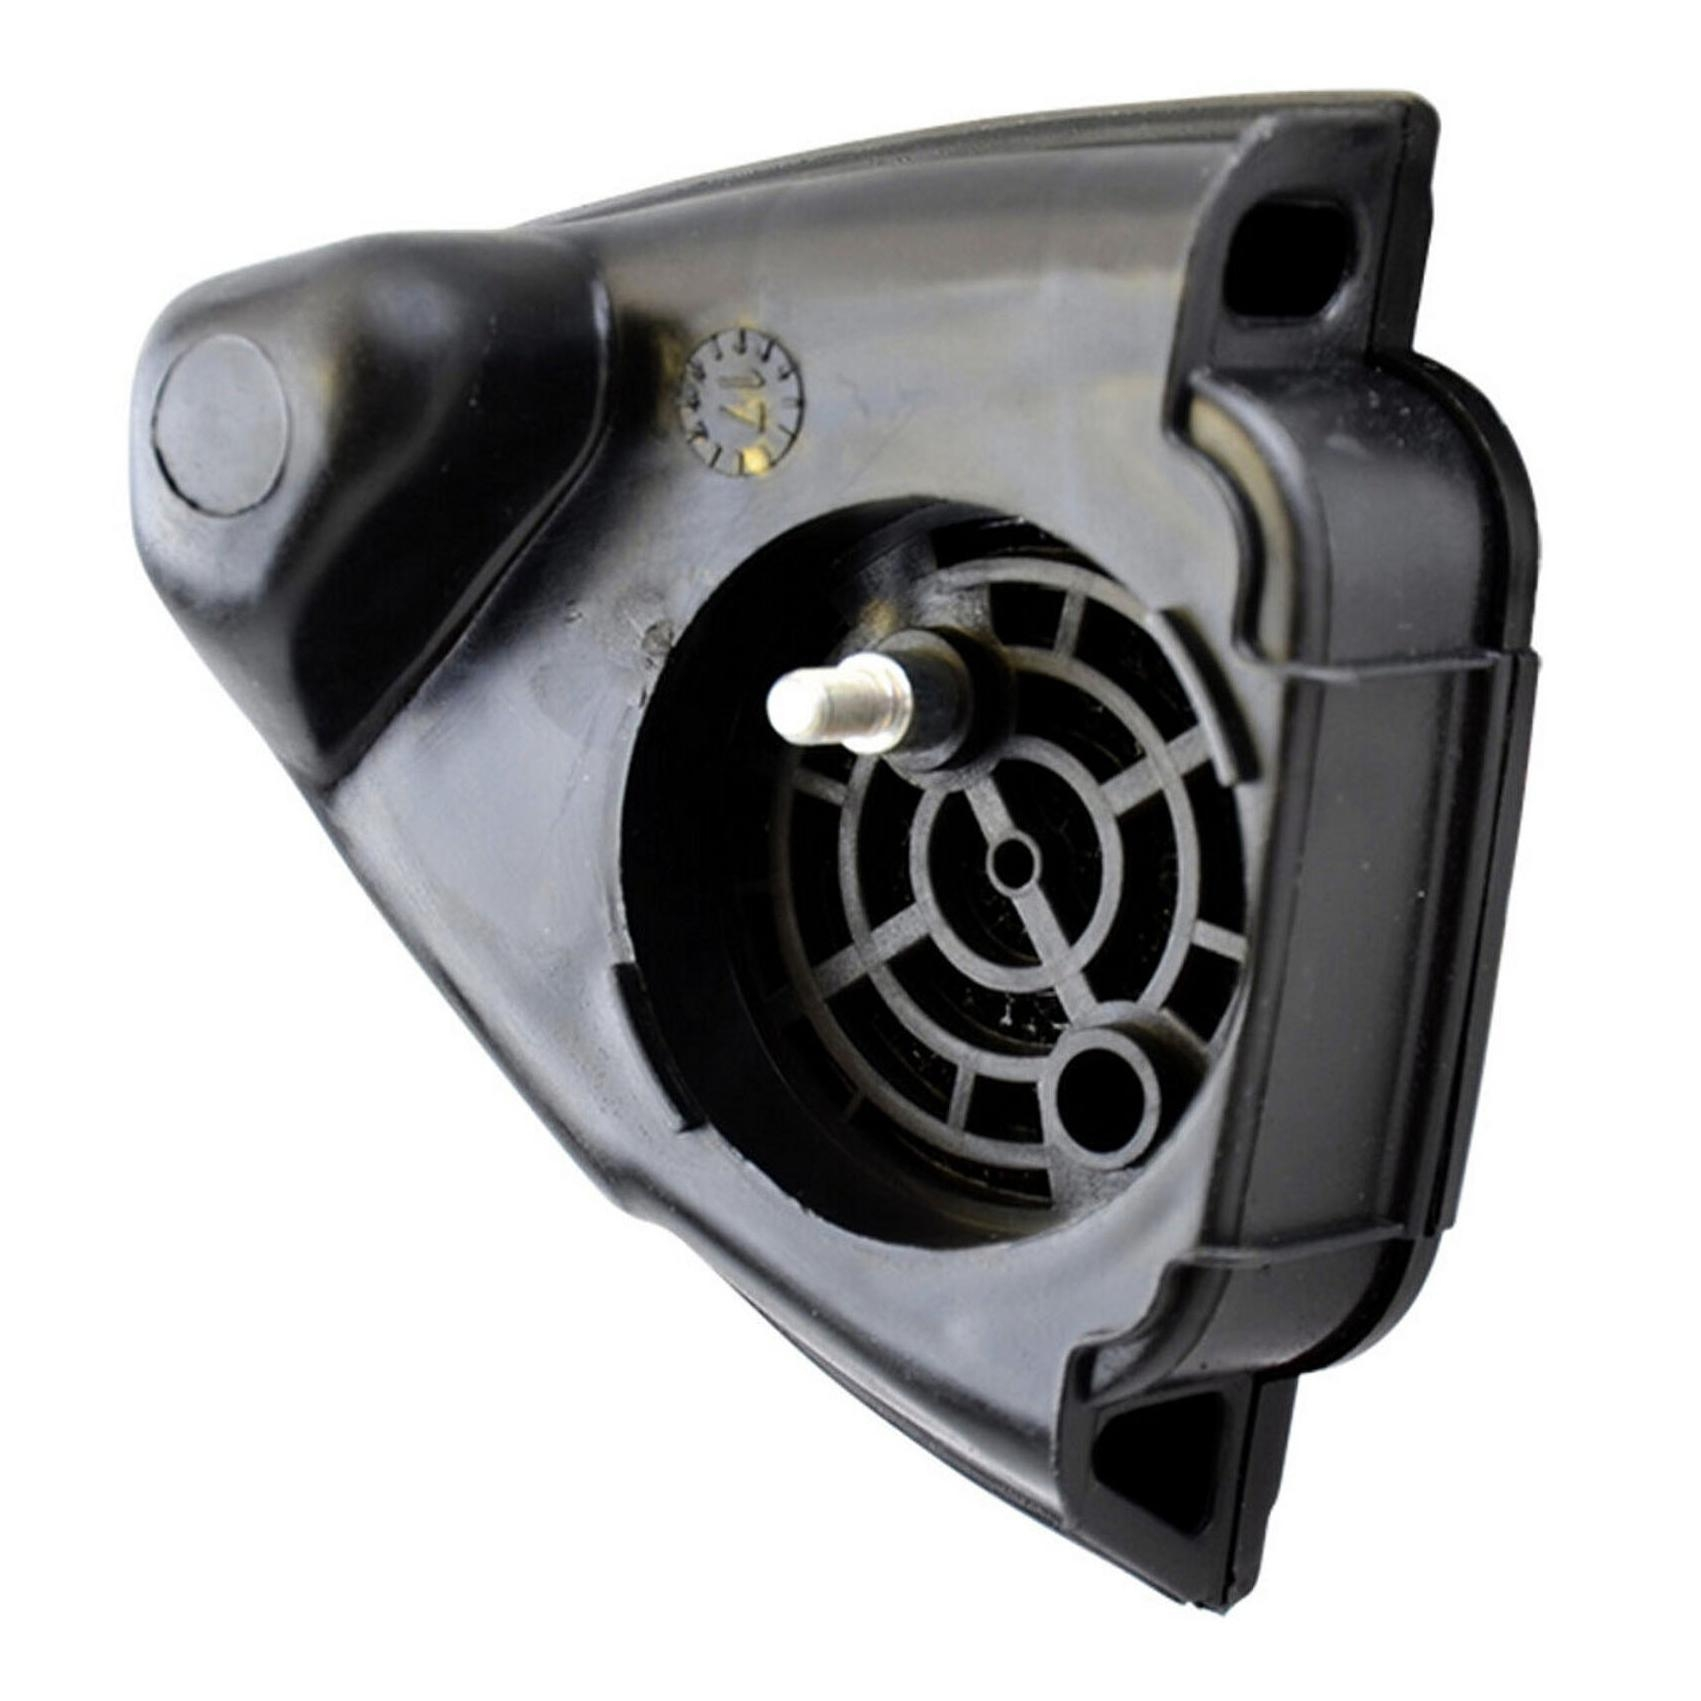 Filtre à air Gurtner MBK 51-88 AV10